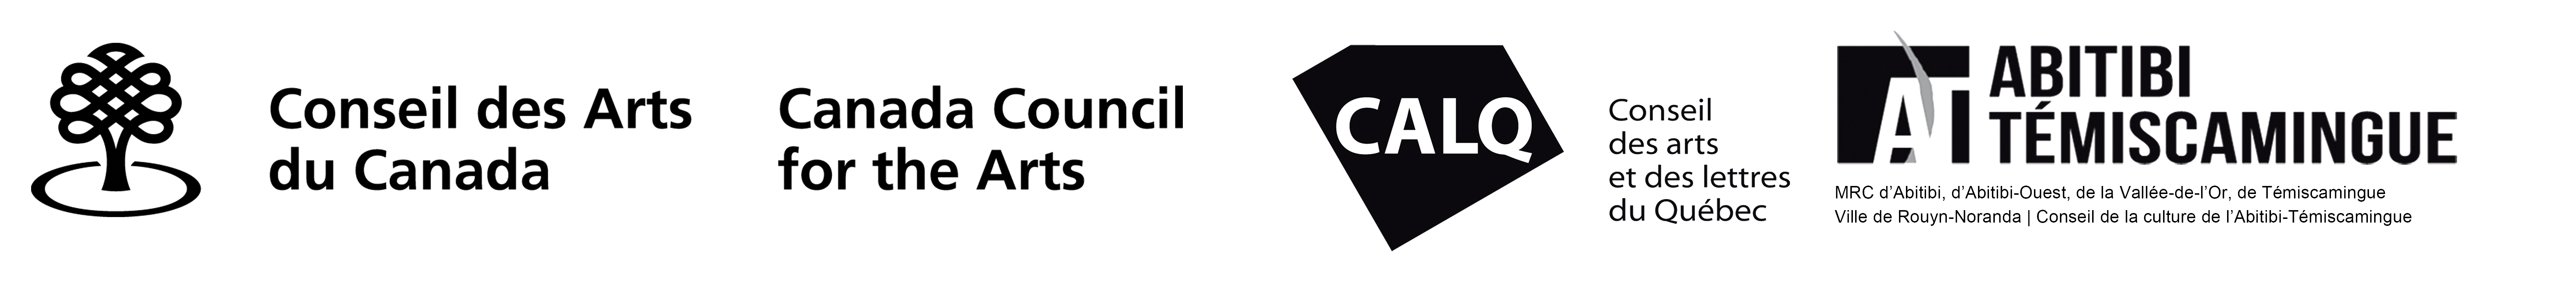 Logos CAC CALQ MRC Abitibi-Témiscamingue